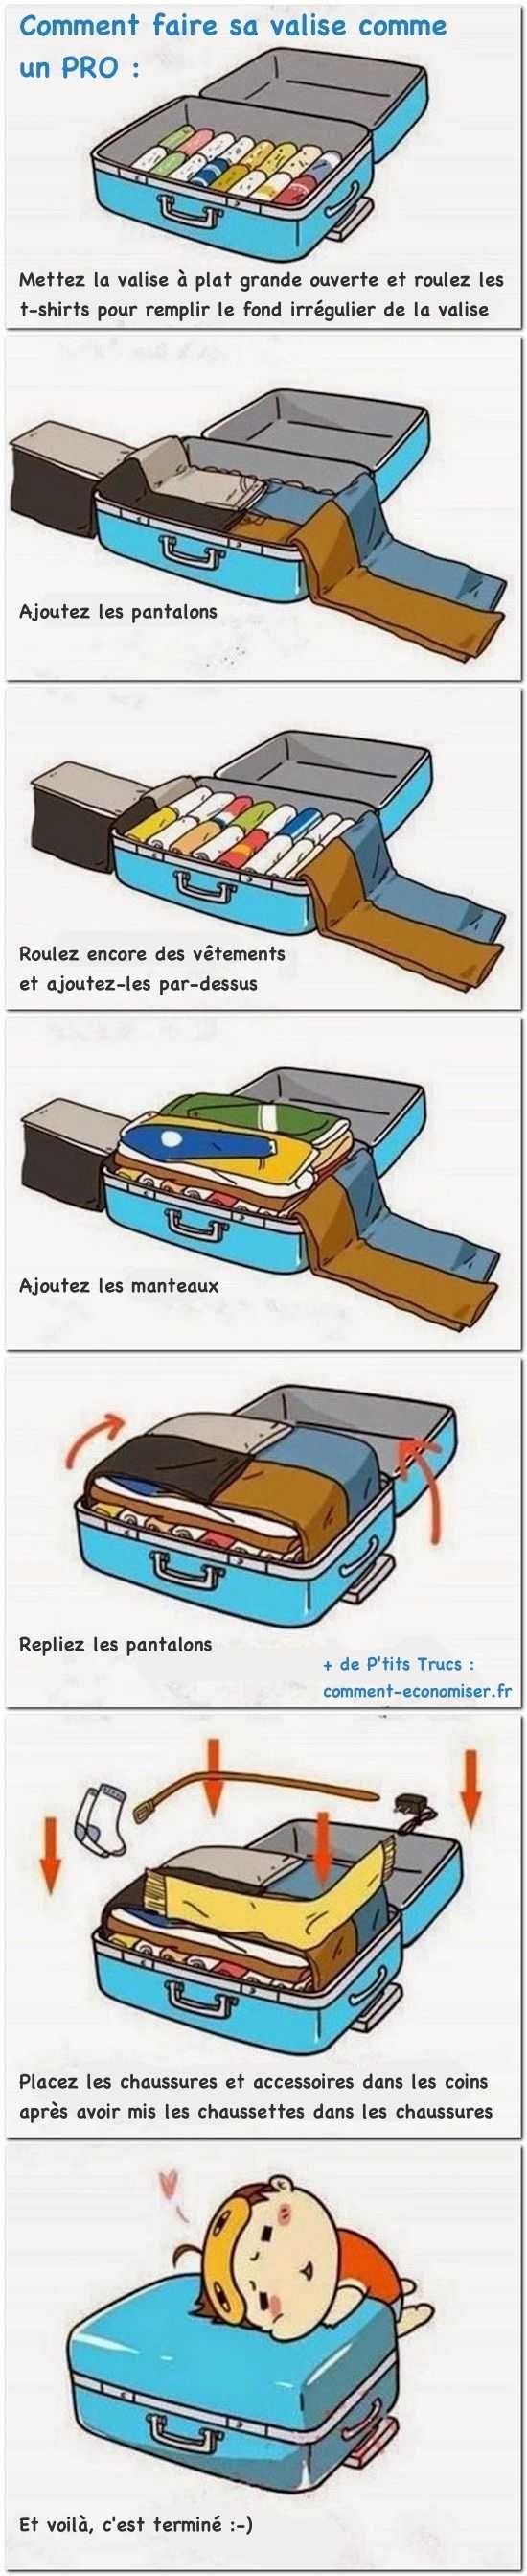 Vous avez besoin de faire votre valise pour votre prochain voyage ? Pas de panique ! Voici notre guide pour faire sa valise comme un pro !  Découvrez l'astuce ici : http://www.comment-economiser.fr/comment-faire-sa-valise-comme-un-pro..html?utm_content=buffer63199&utm_medium=social&utm_source=pinterest.com&utm_campaign=buffer